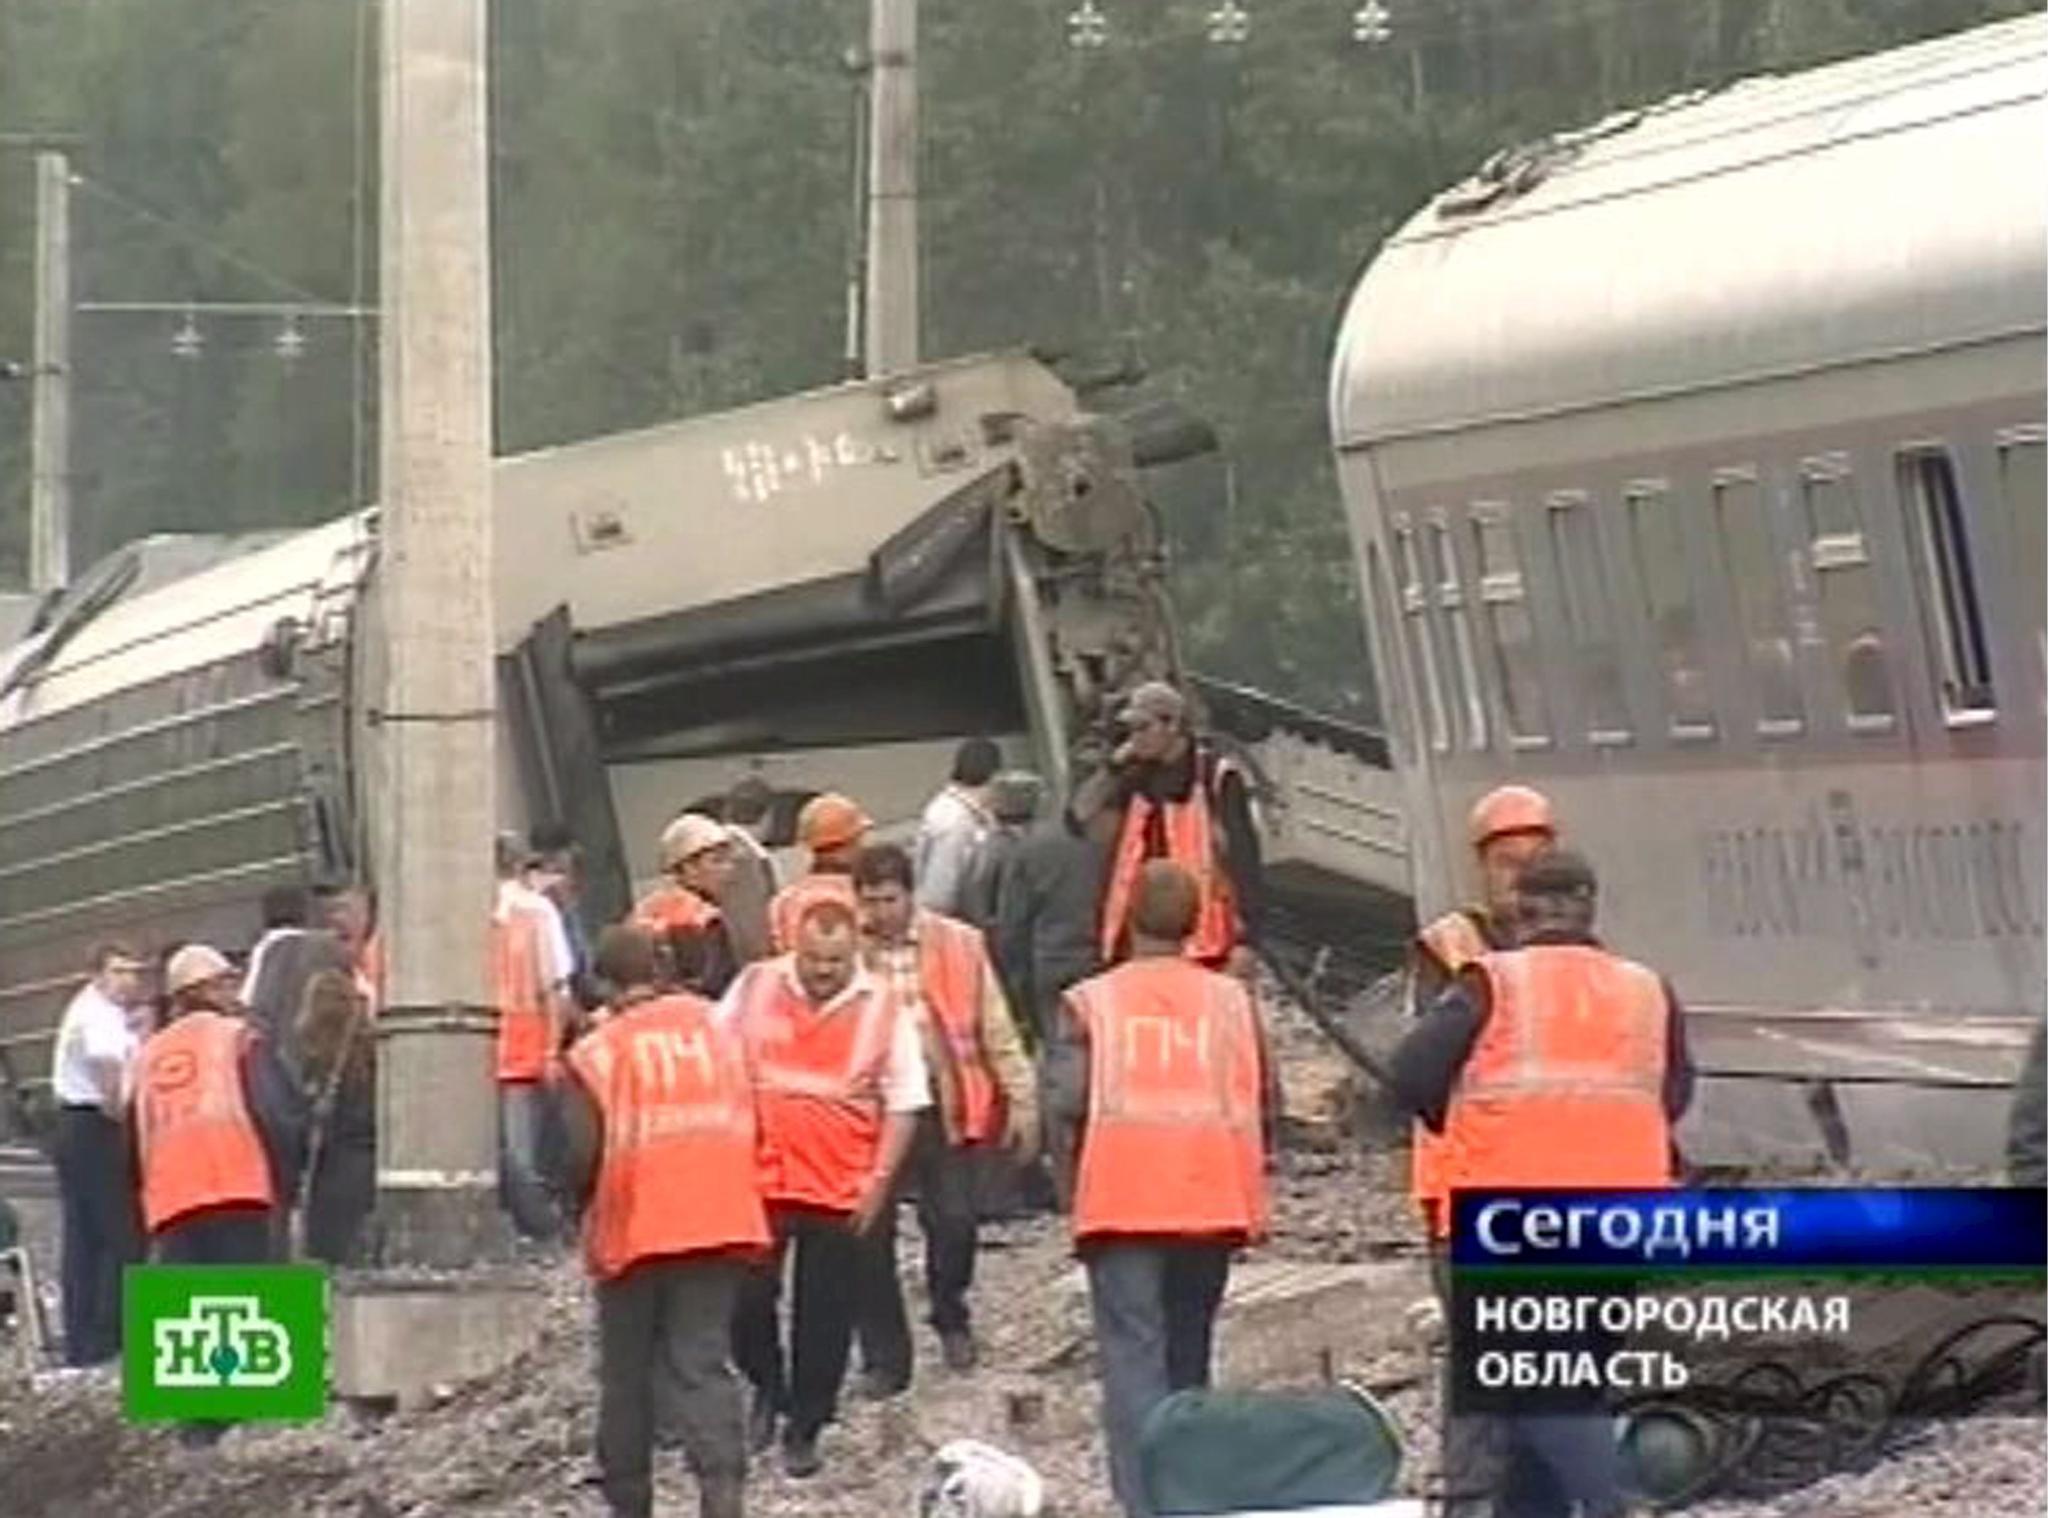 Взривиха експреса Москва-Питер - над 60 ранени, българин сред тях